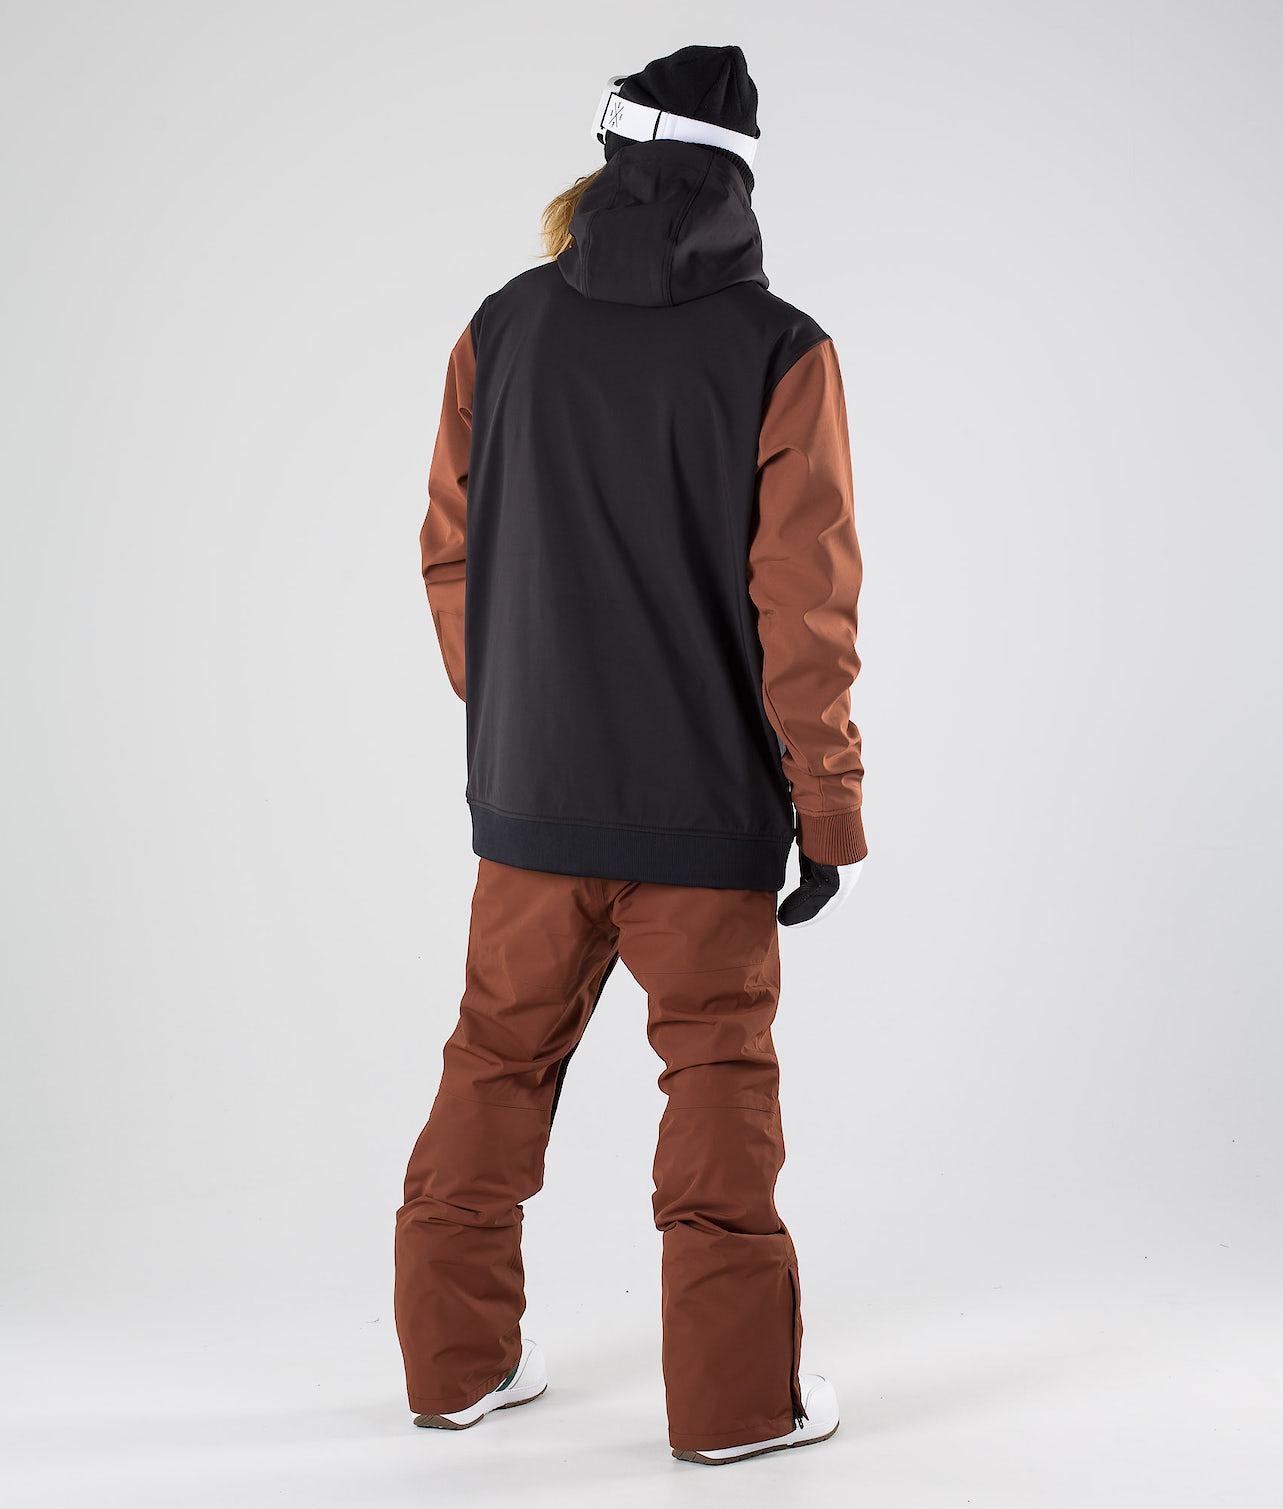 Kjøp Yeti Snowboardjakke fra Dope på Ridestore.no - Hos oss har du alltid fri frakt, fri retur og 30 dagers åpent kjøp!